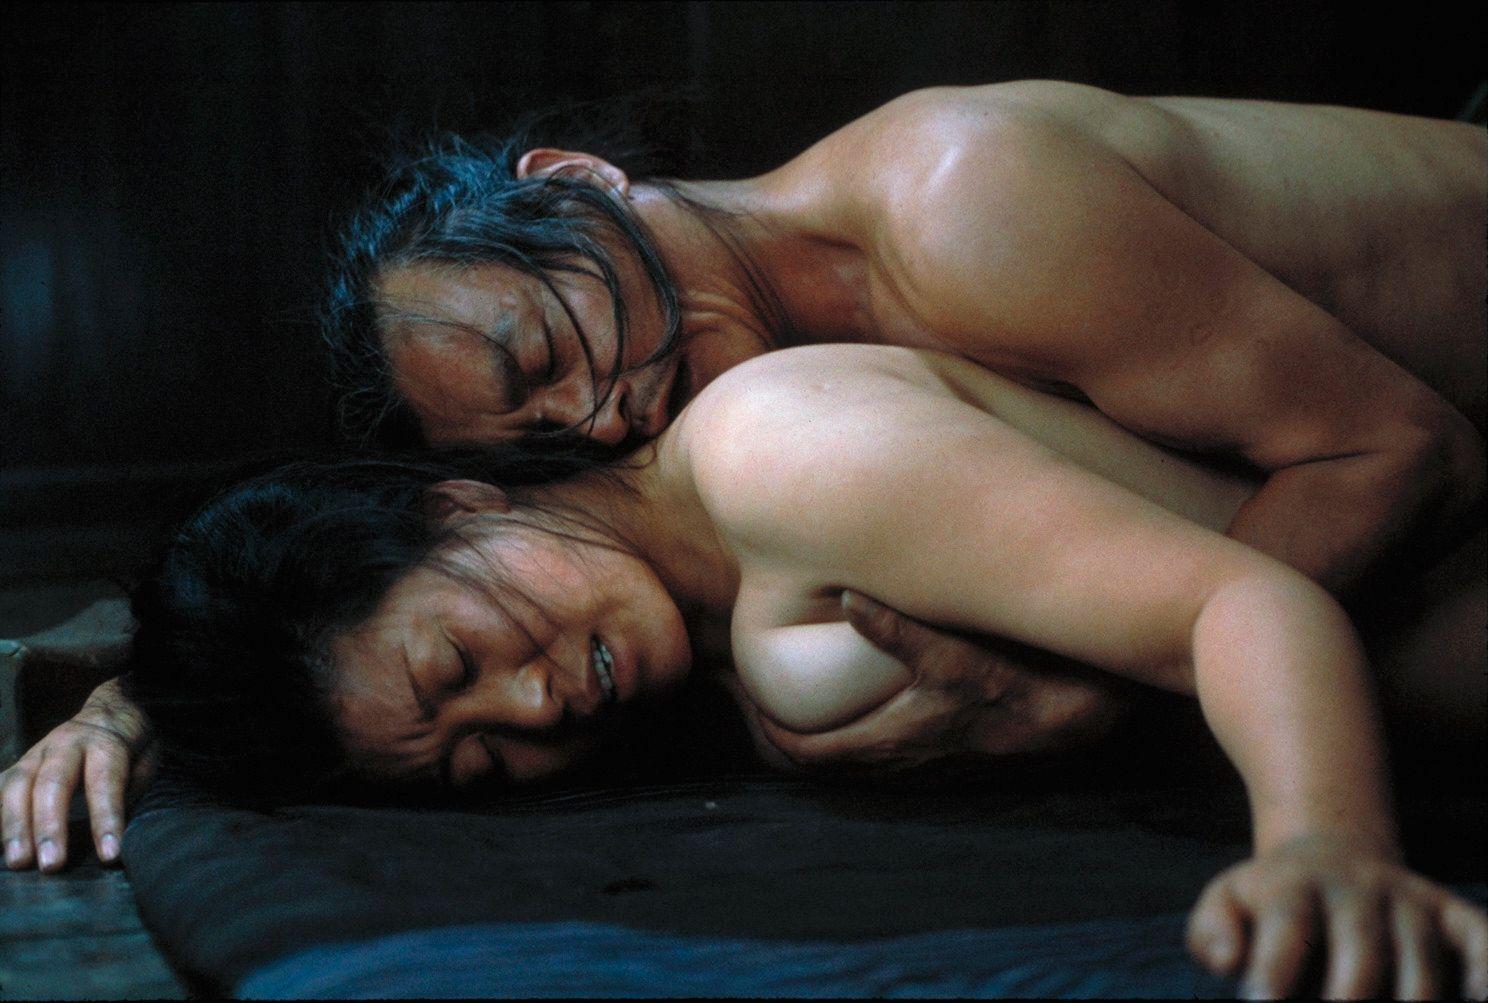 японские эротика смотреть онлайн вернется, сам